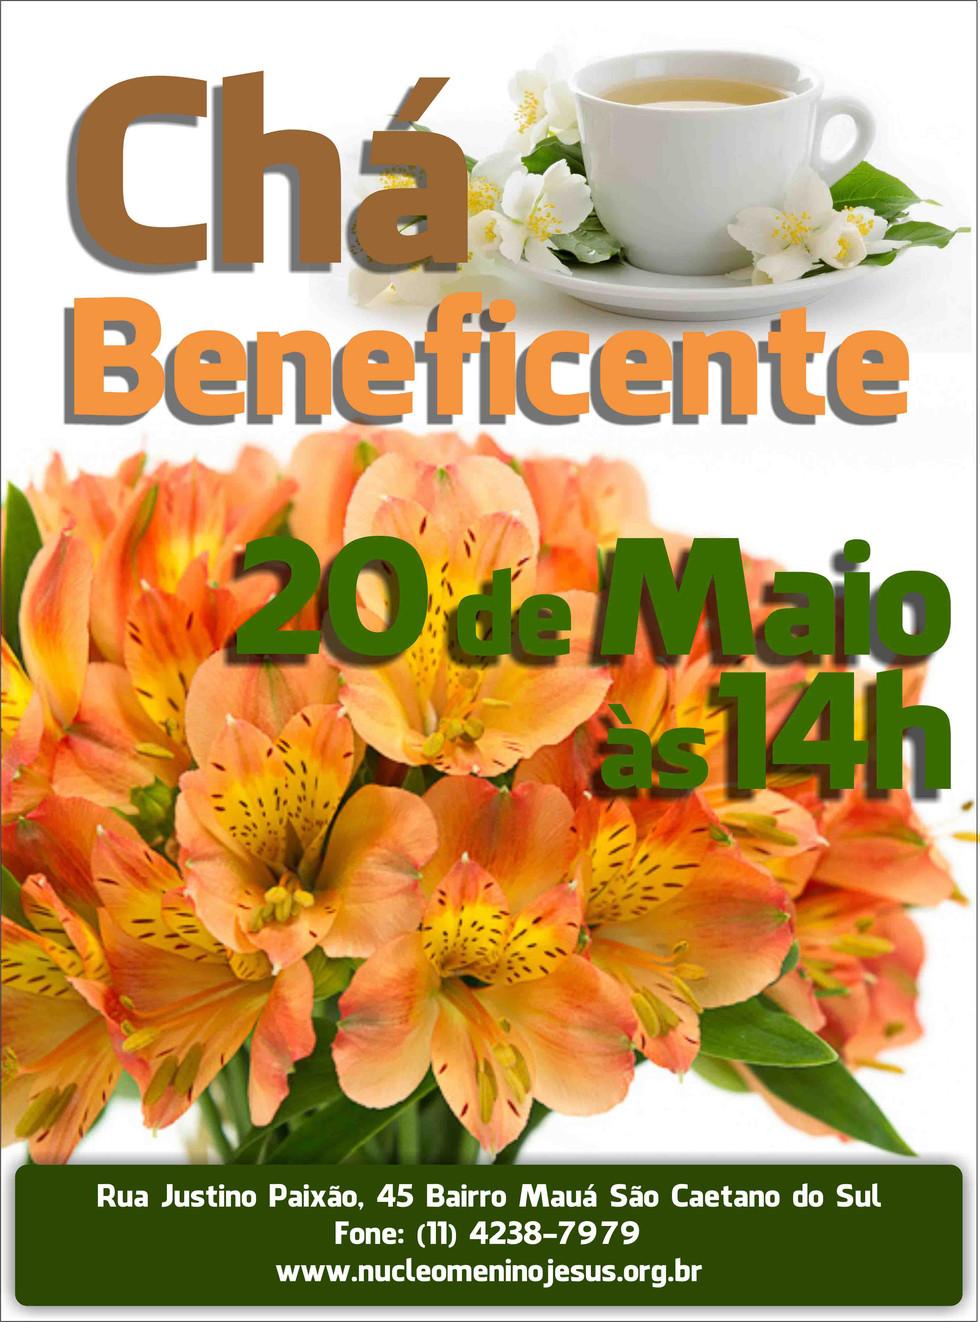 Chá Beneficente de Maio